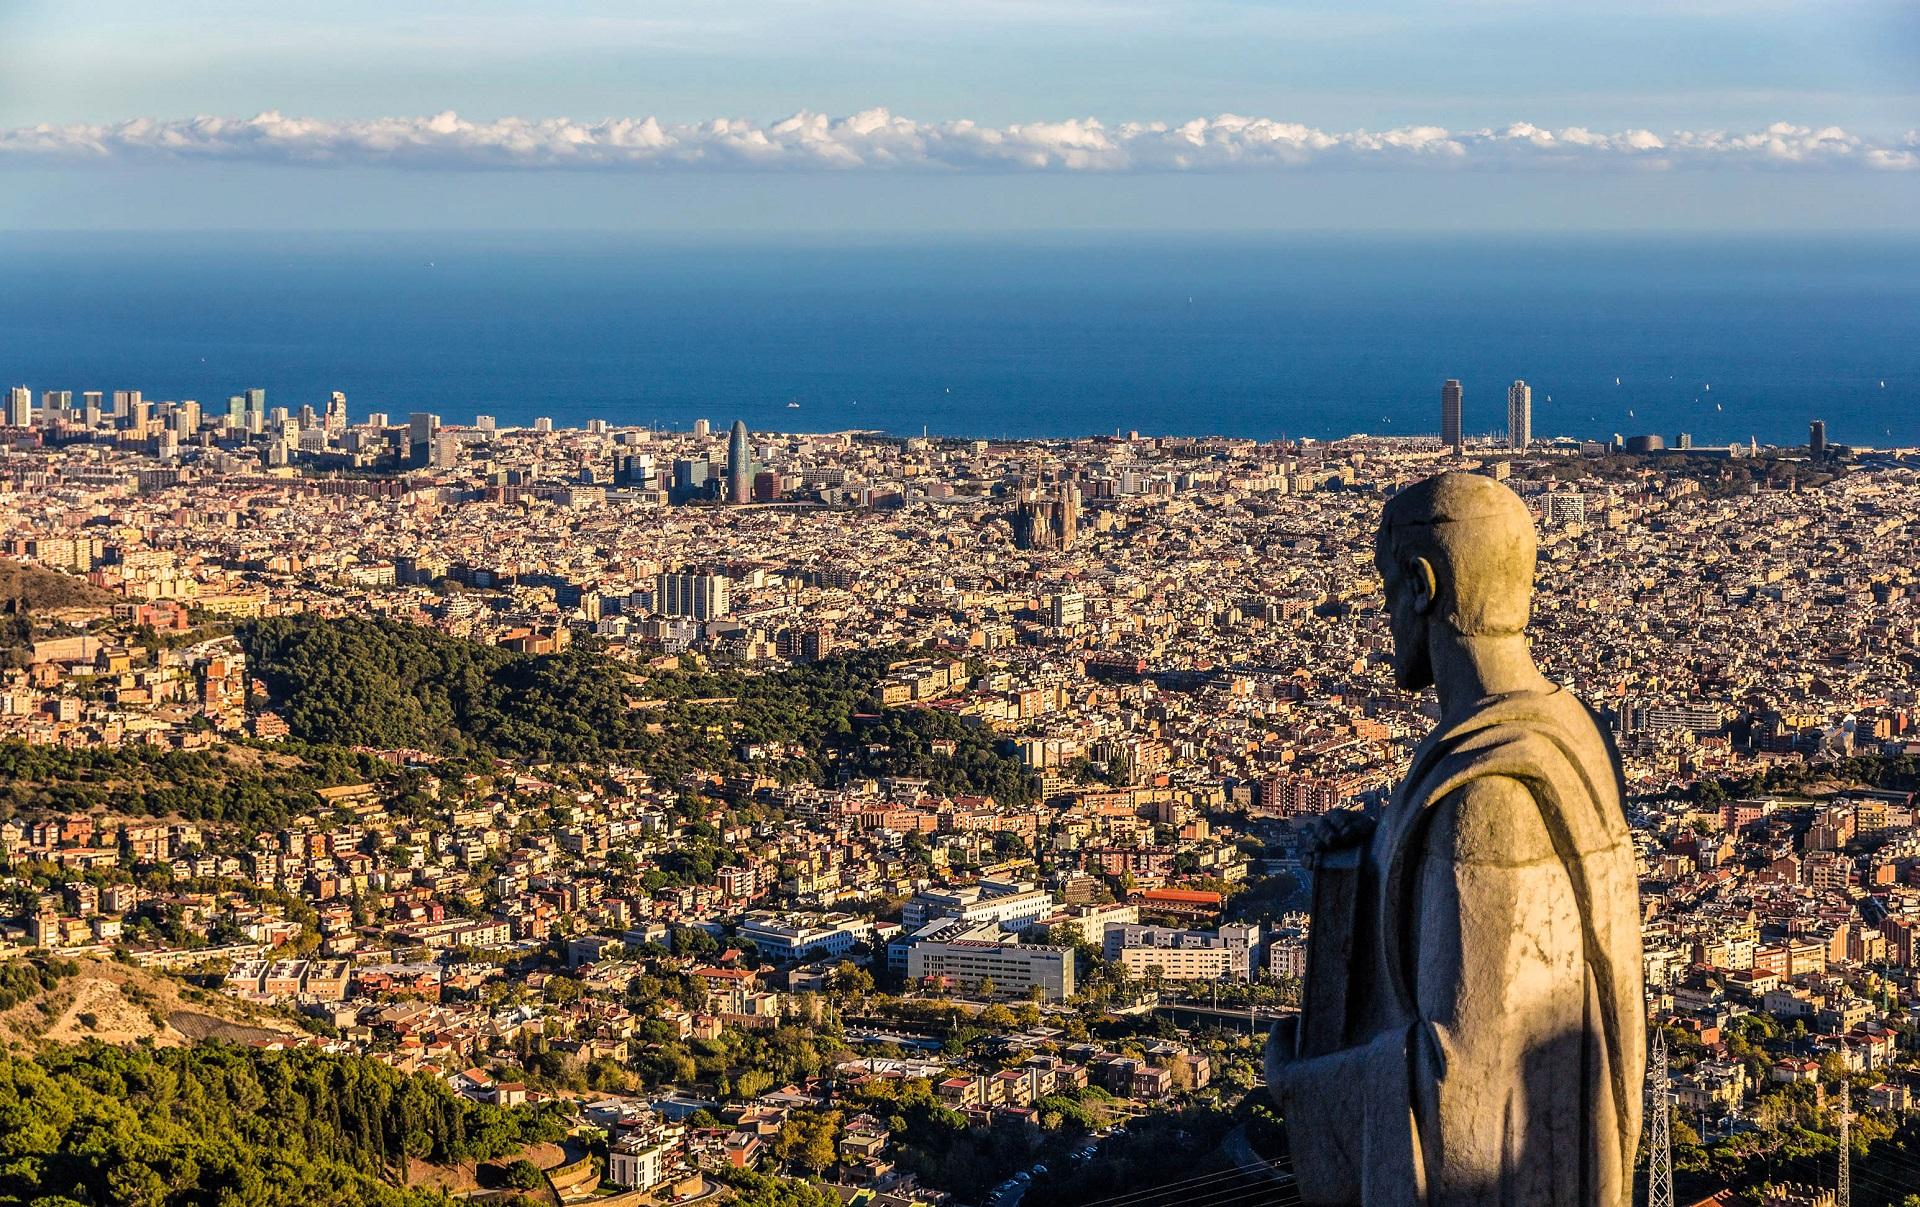 Barcelona Tipps - So verpasst ihr kein Highlight | Urlaubsguru